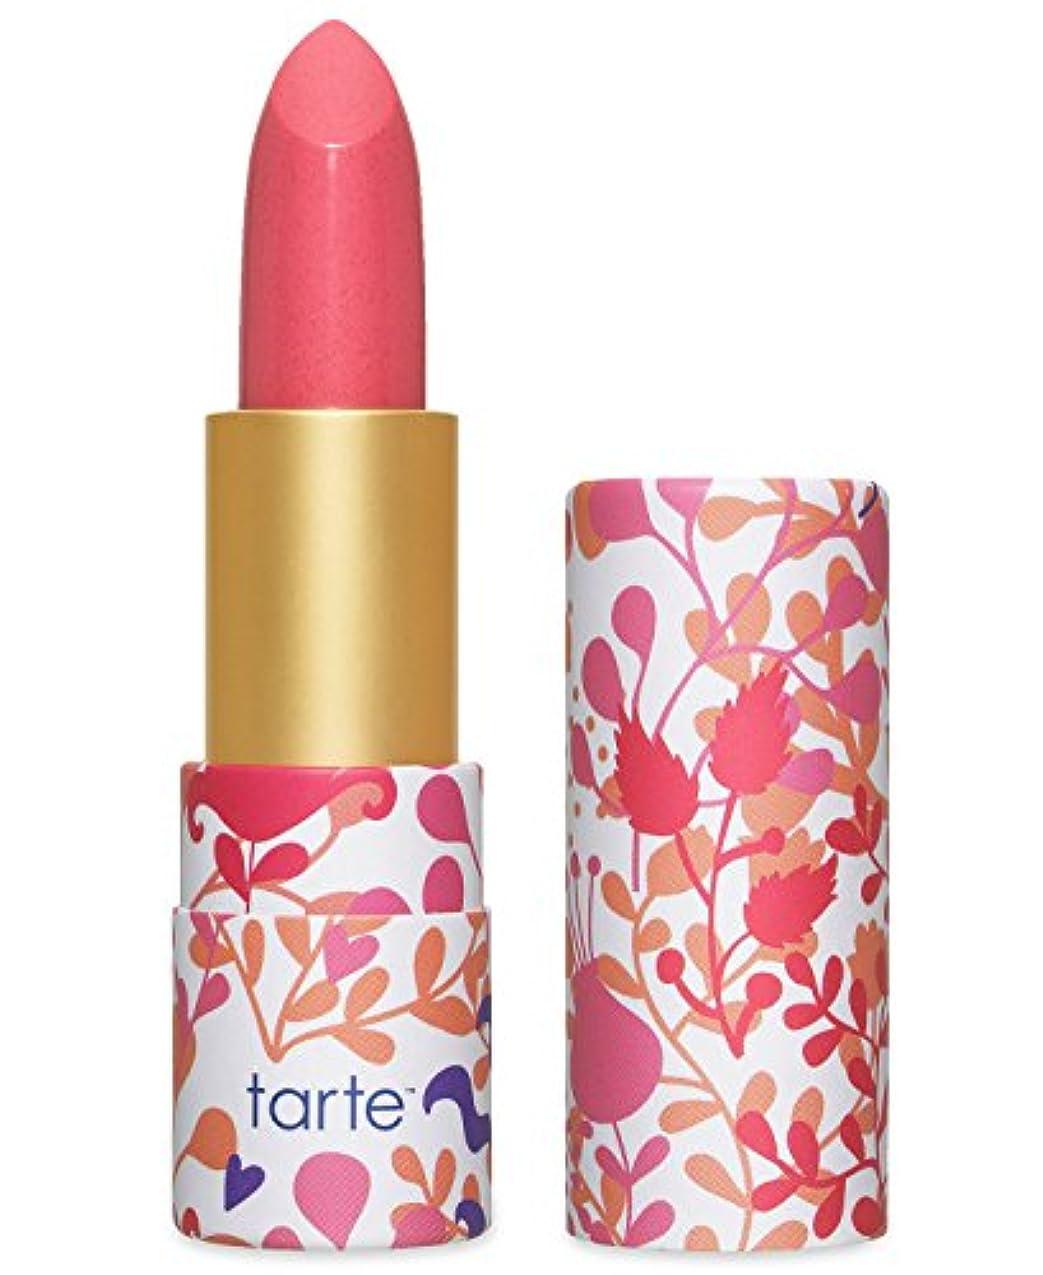 単調な宝著名なTarte Amazonian Butter Lipstick ターテ アマゾニアン バターリップステック Pink Peony [並行輸入品]